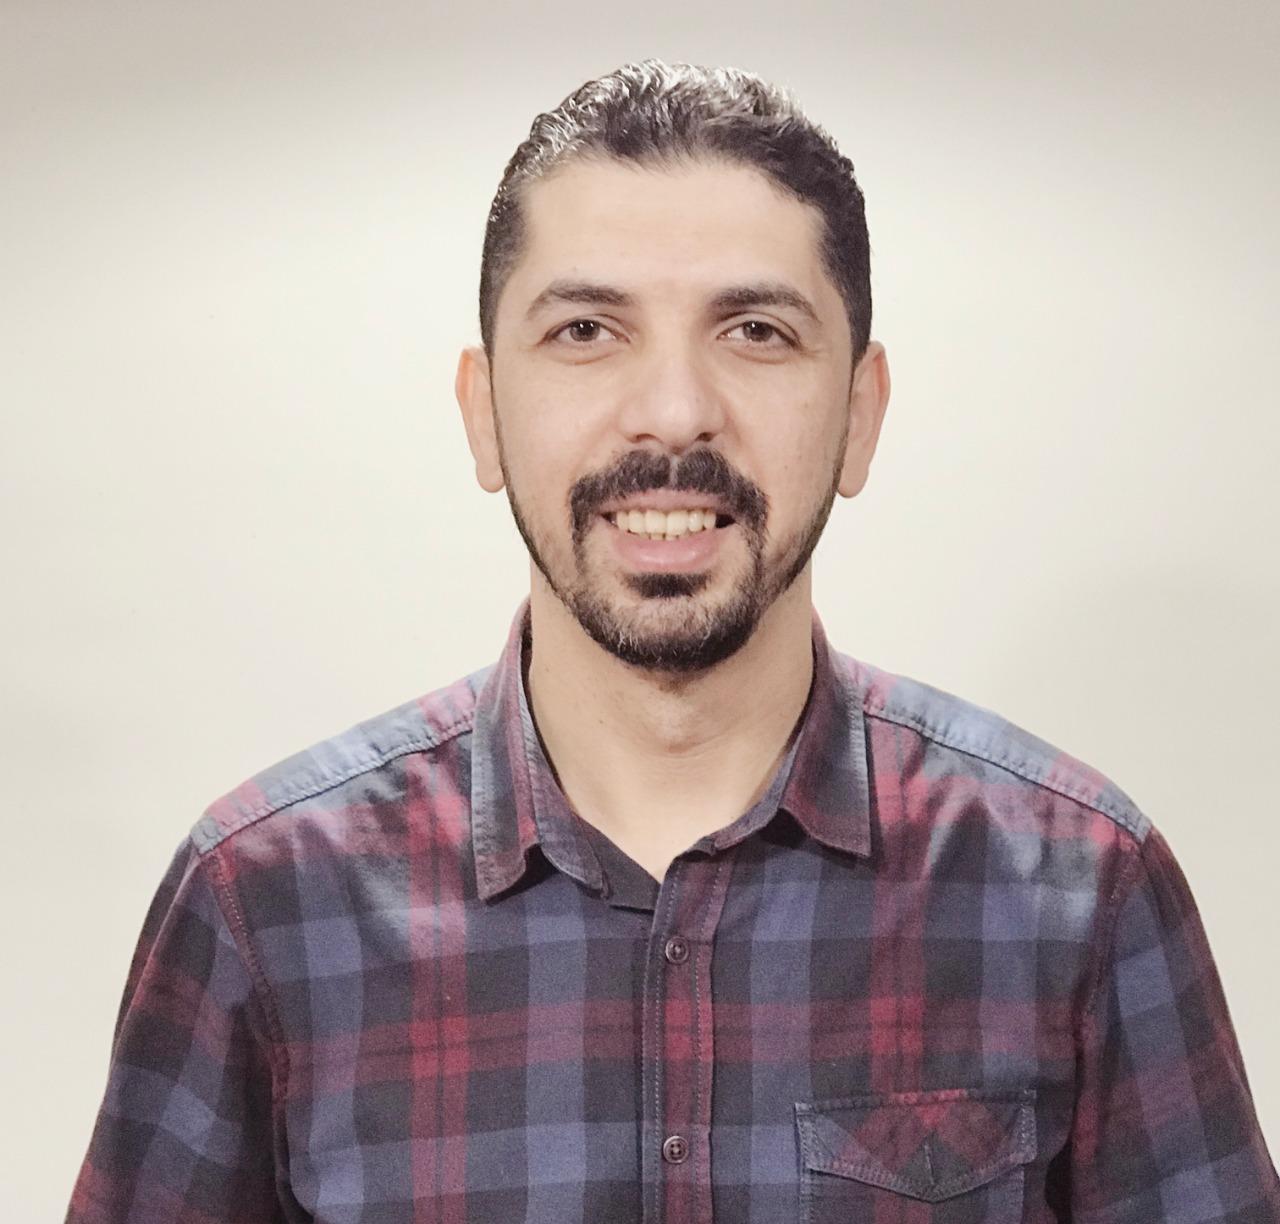 Muhammad Moussa